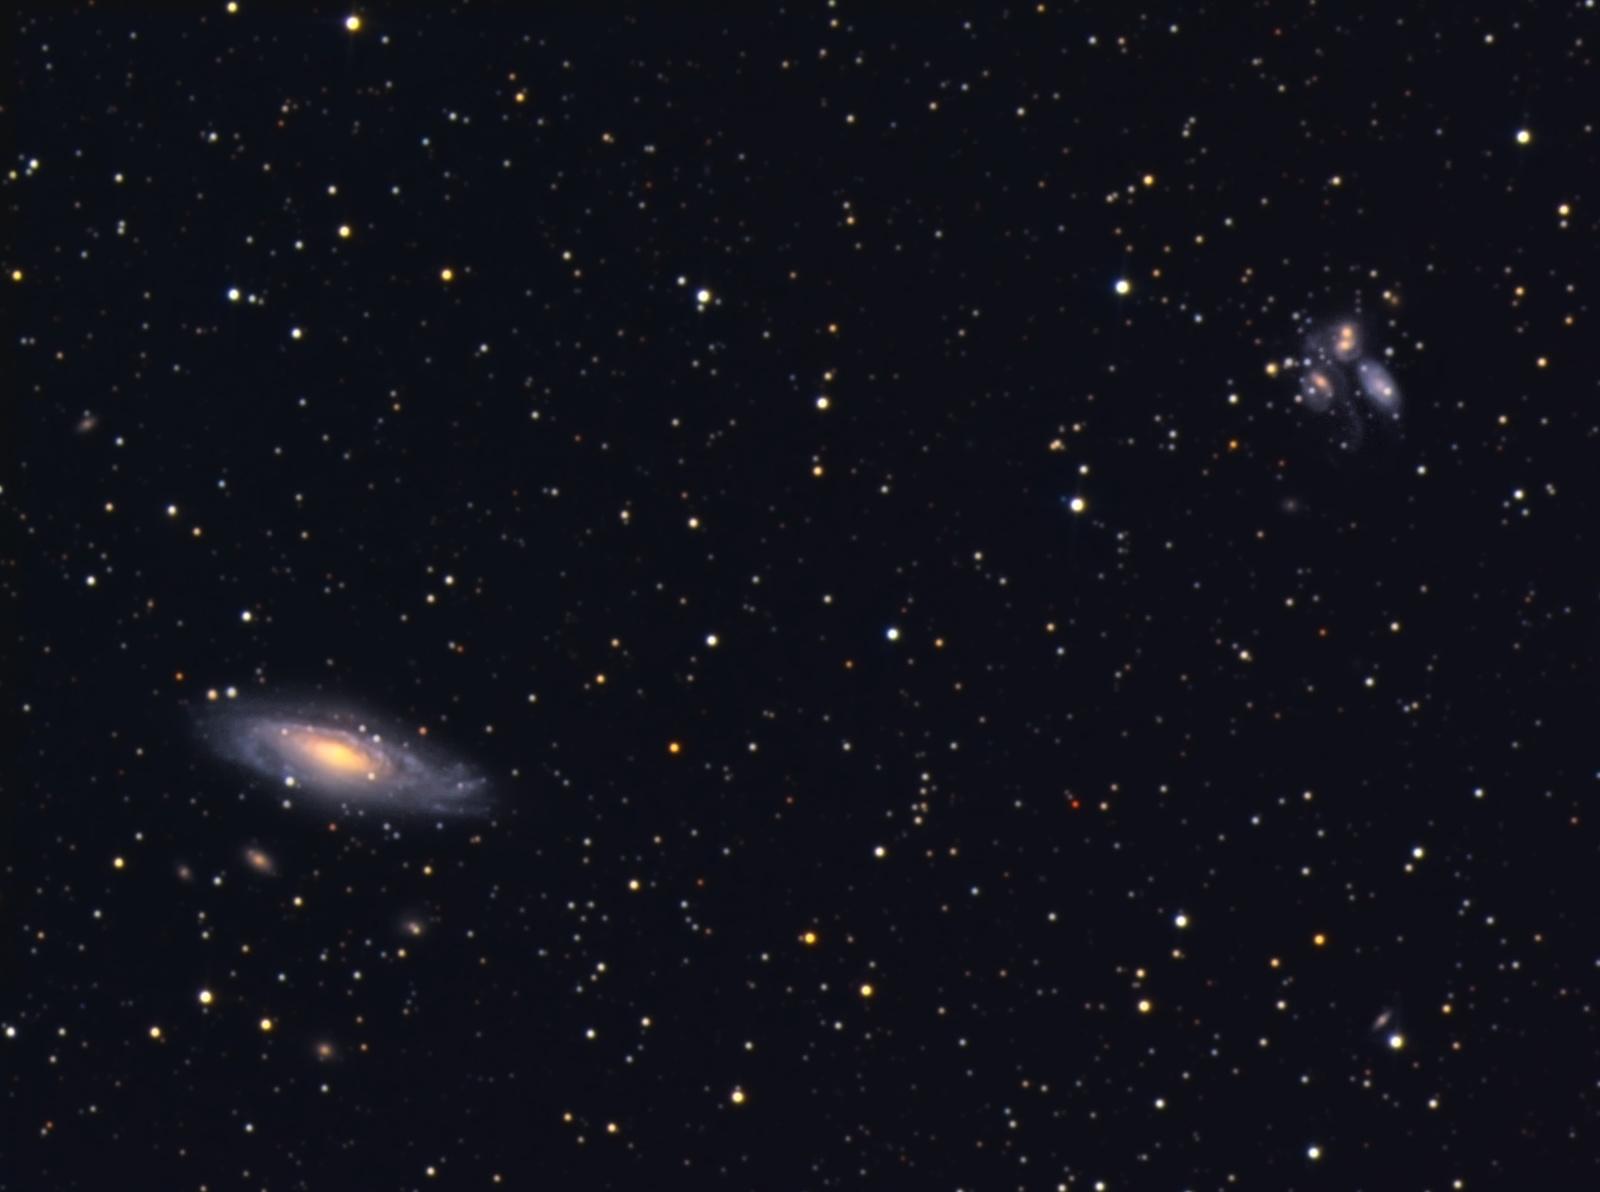 NGC7331_LRGB.thumb.jpg.46581a3649bc3b9609cdf0d9519c5240.jpg